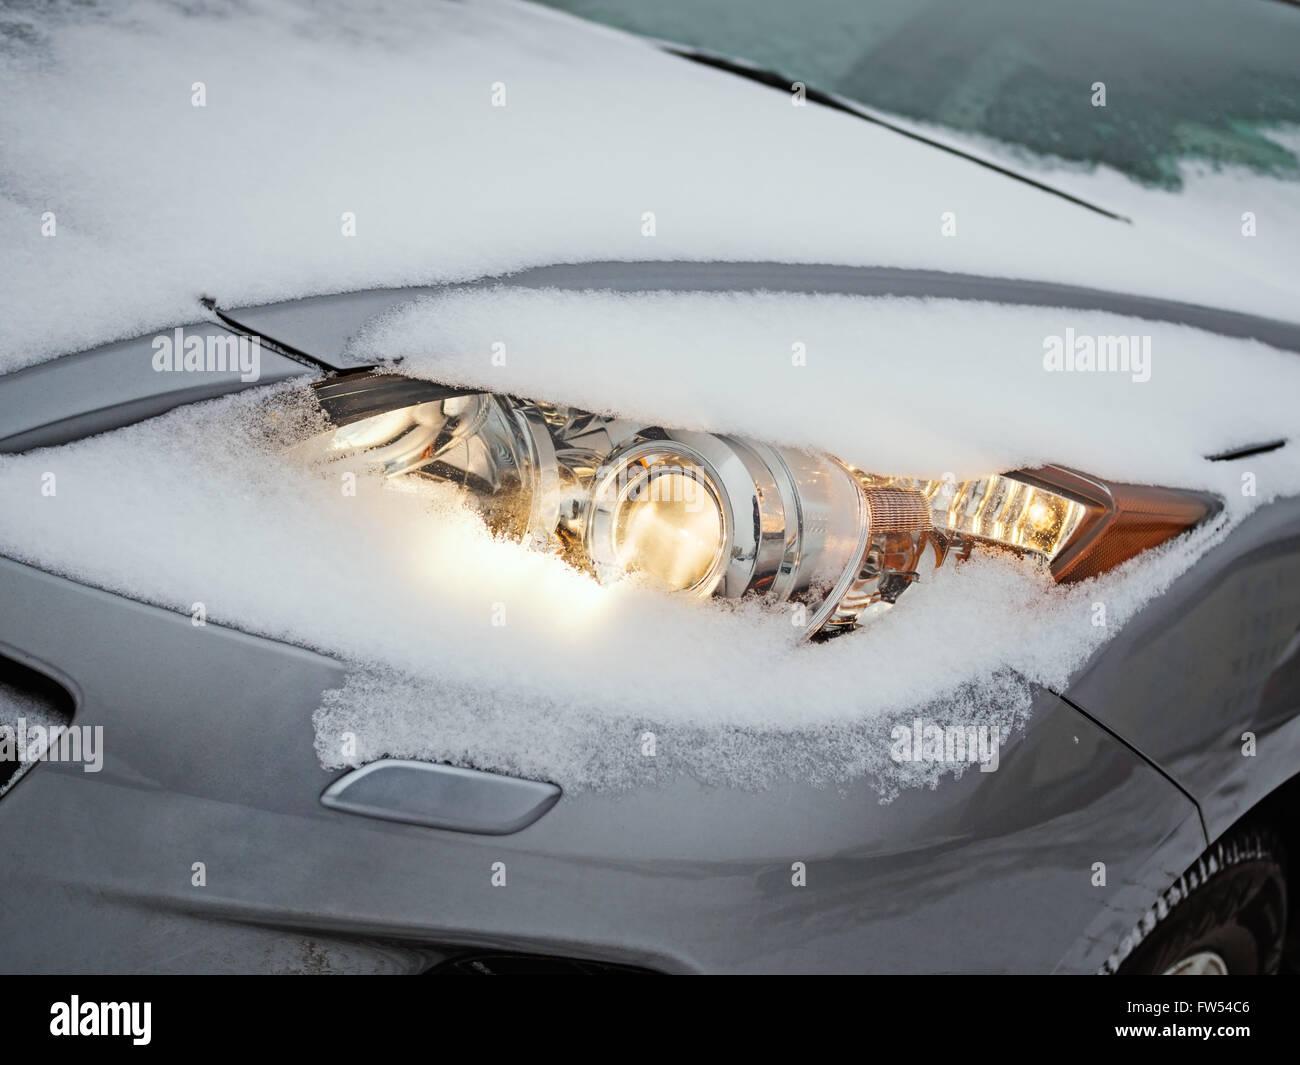 Leuchtende Scheinwerfer eines Autos mit Schnee bedeckt, wie es während eines Schneesturms gefahren wird Stockbild